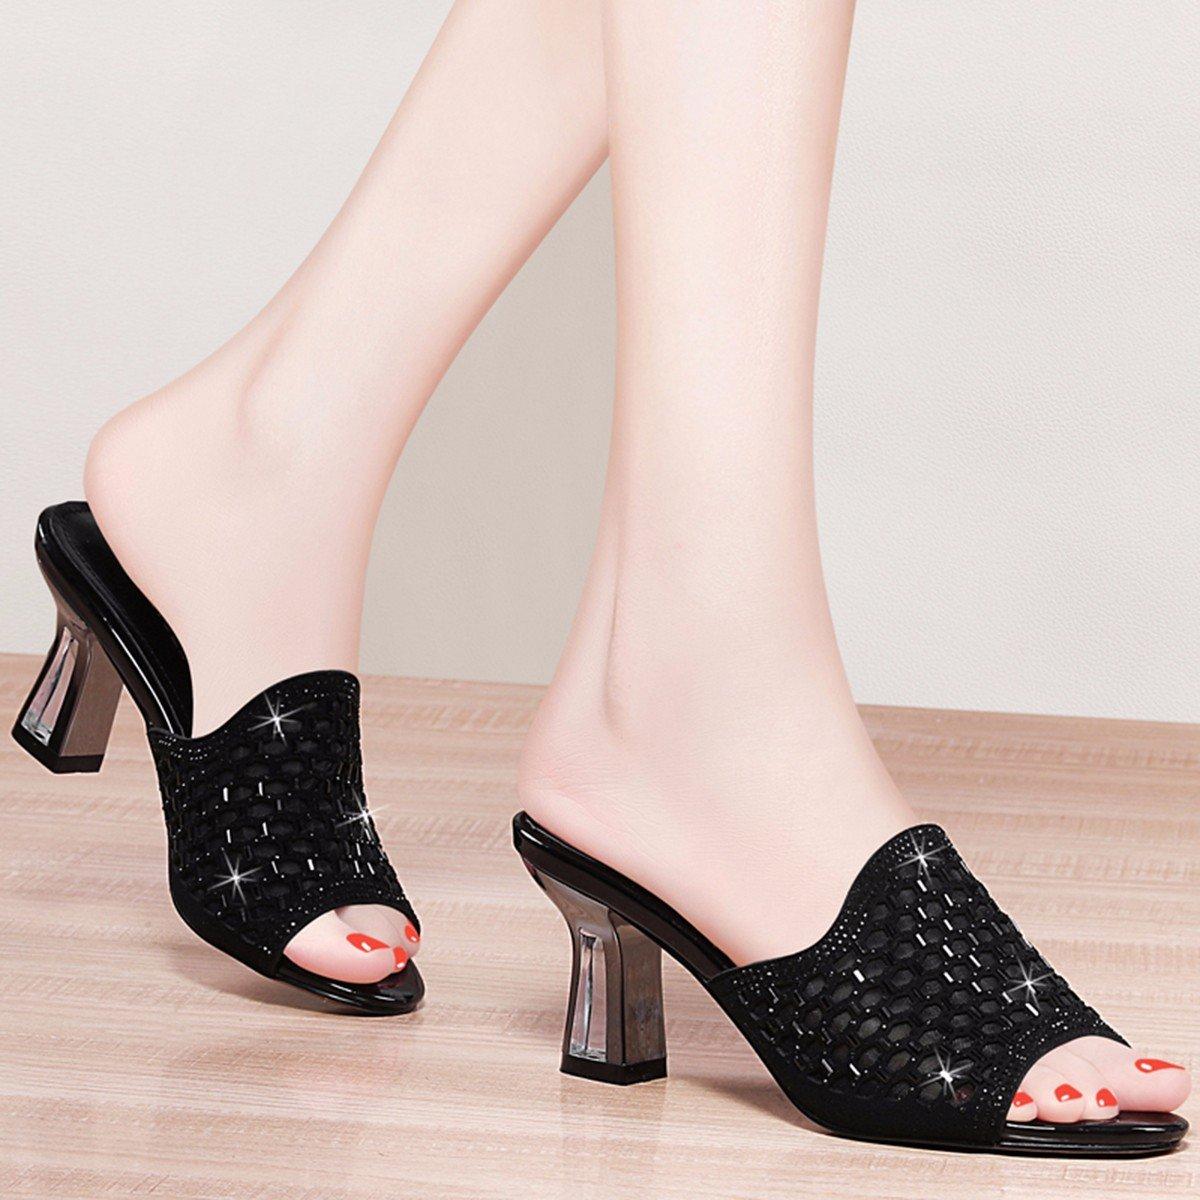 QPSSP Pantoffeln Stöckelschuhe, Heels, Pumps, Sandalen Und Und Und Damenschuhe. schwarz b5ba43